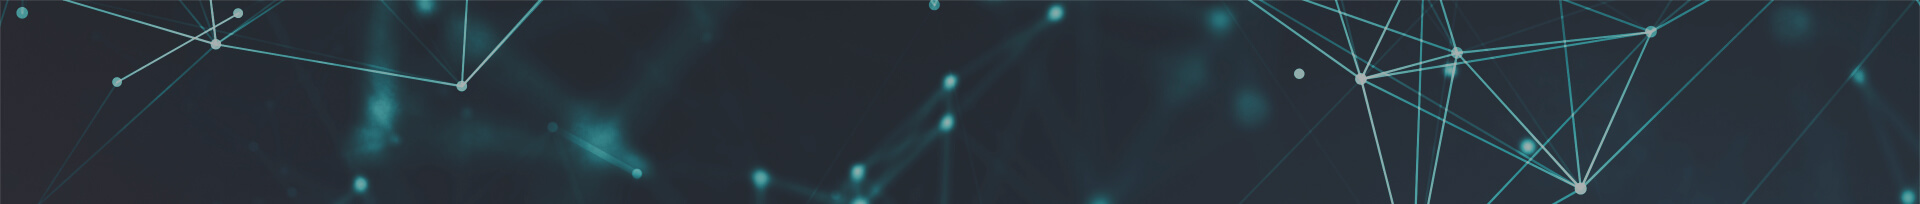 Blog header image